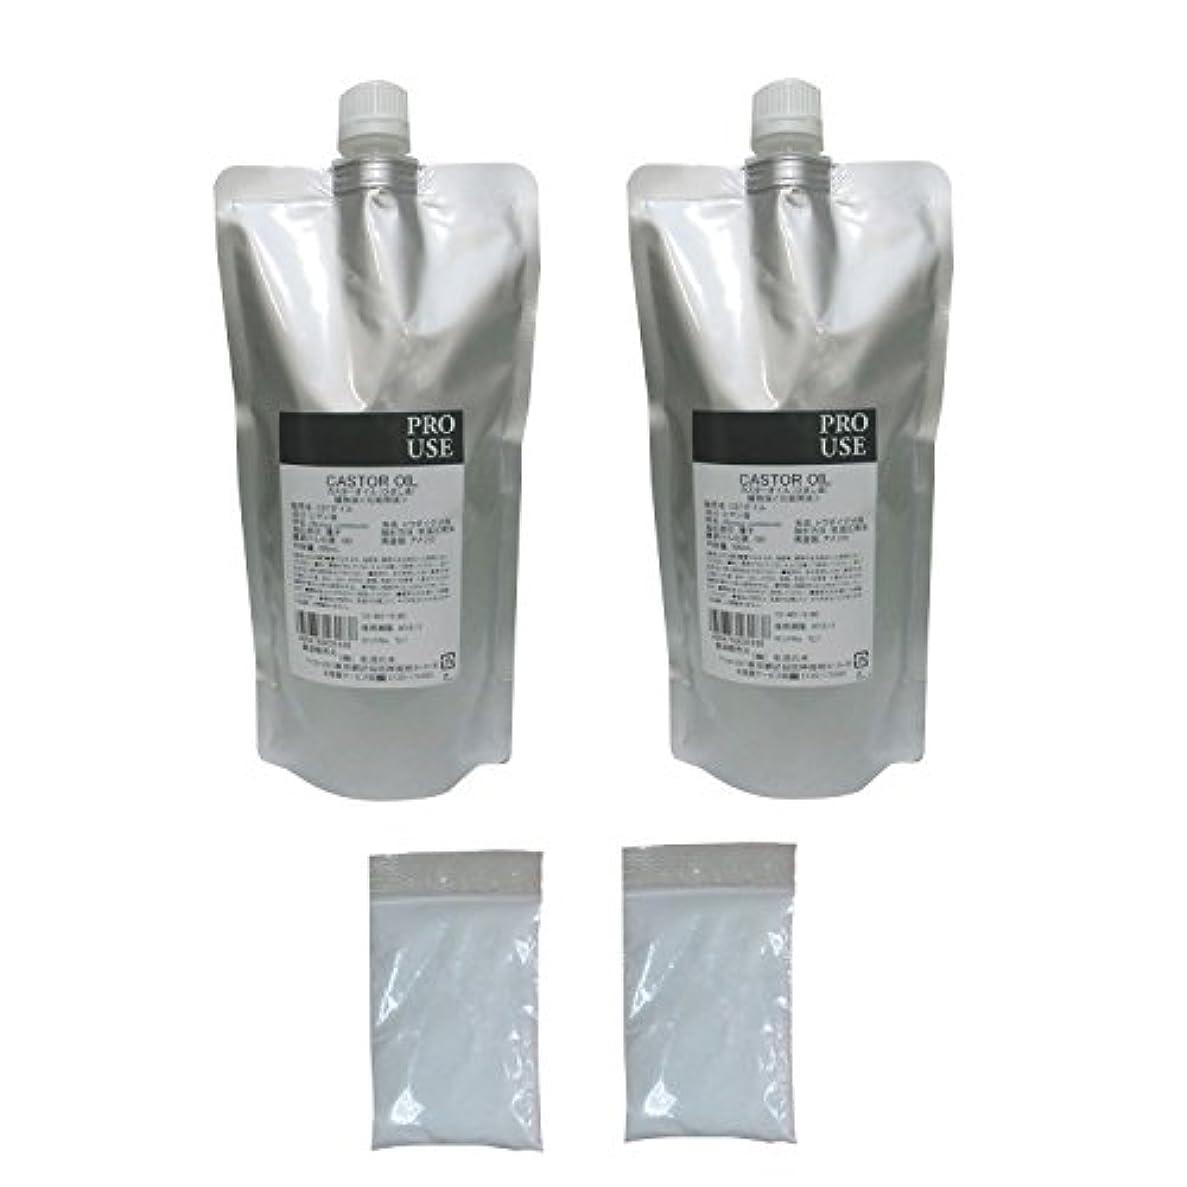 失道路を作るプロセス石鹸カスターオイル ひまし油500ml 2個組 (重層2袋付)